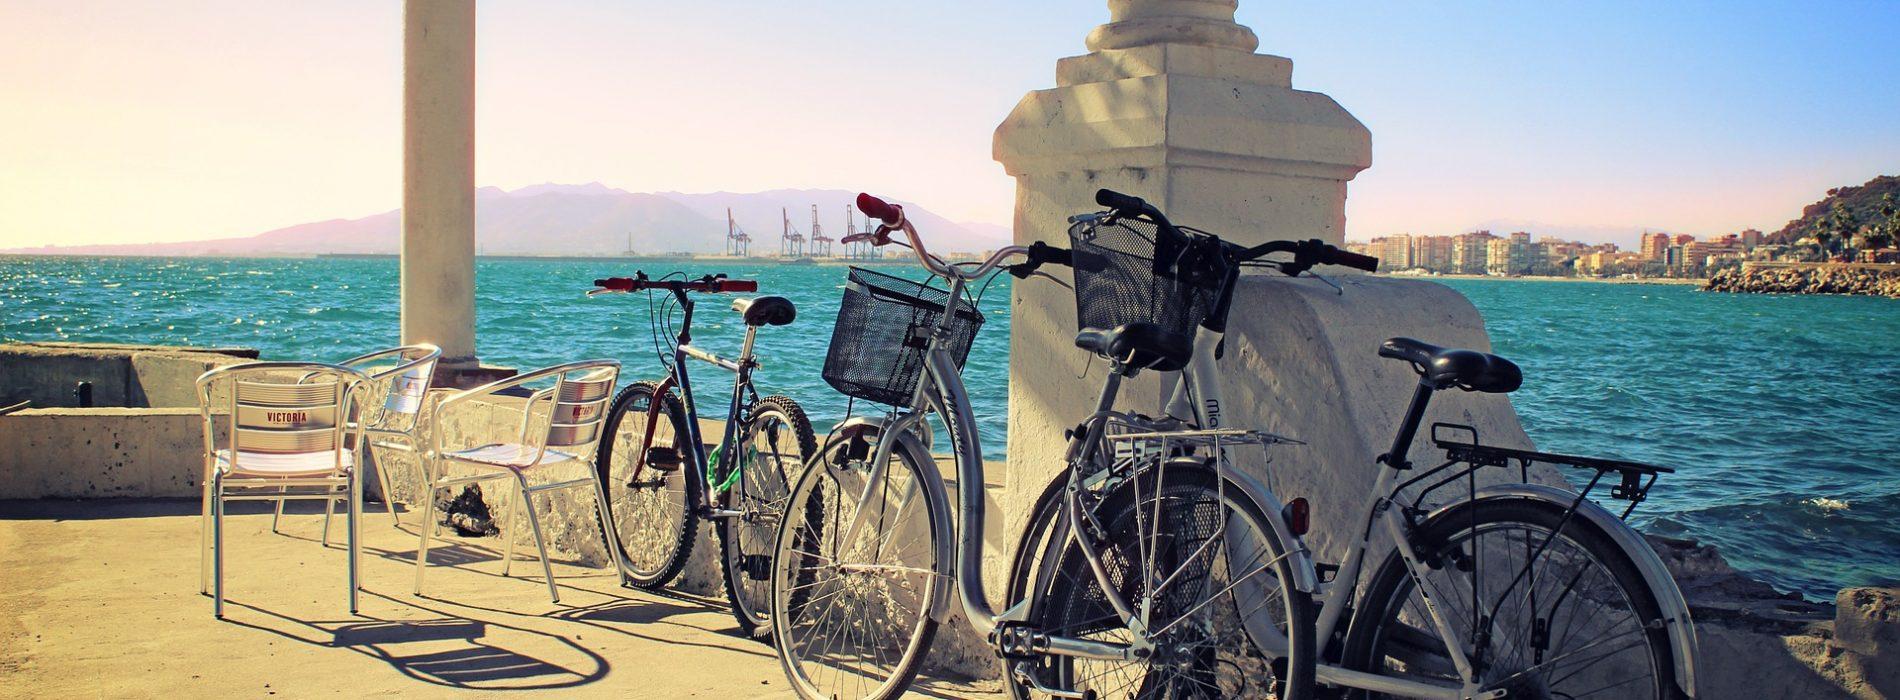 Viajar en bicicleta: ¿Qué hacer con el equipaje?